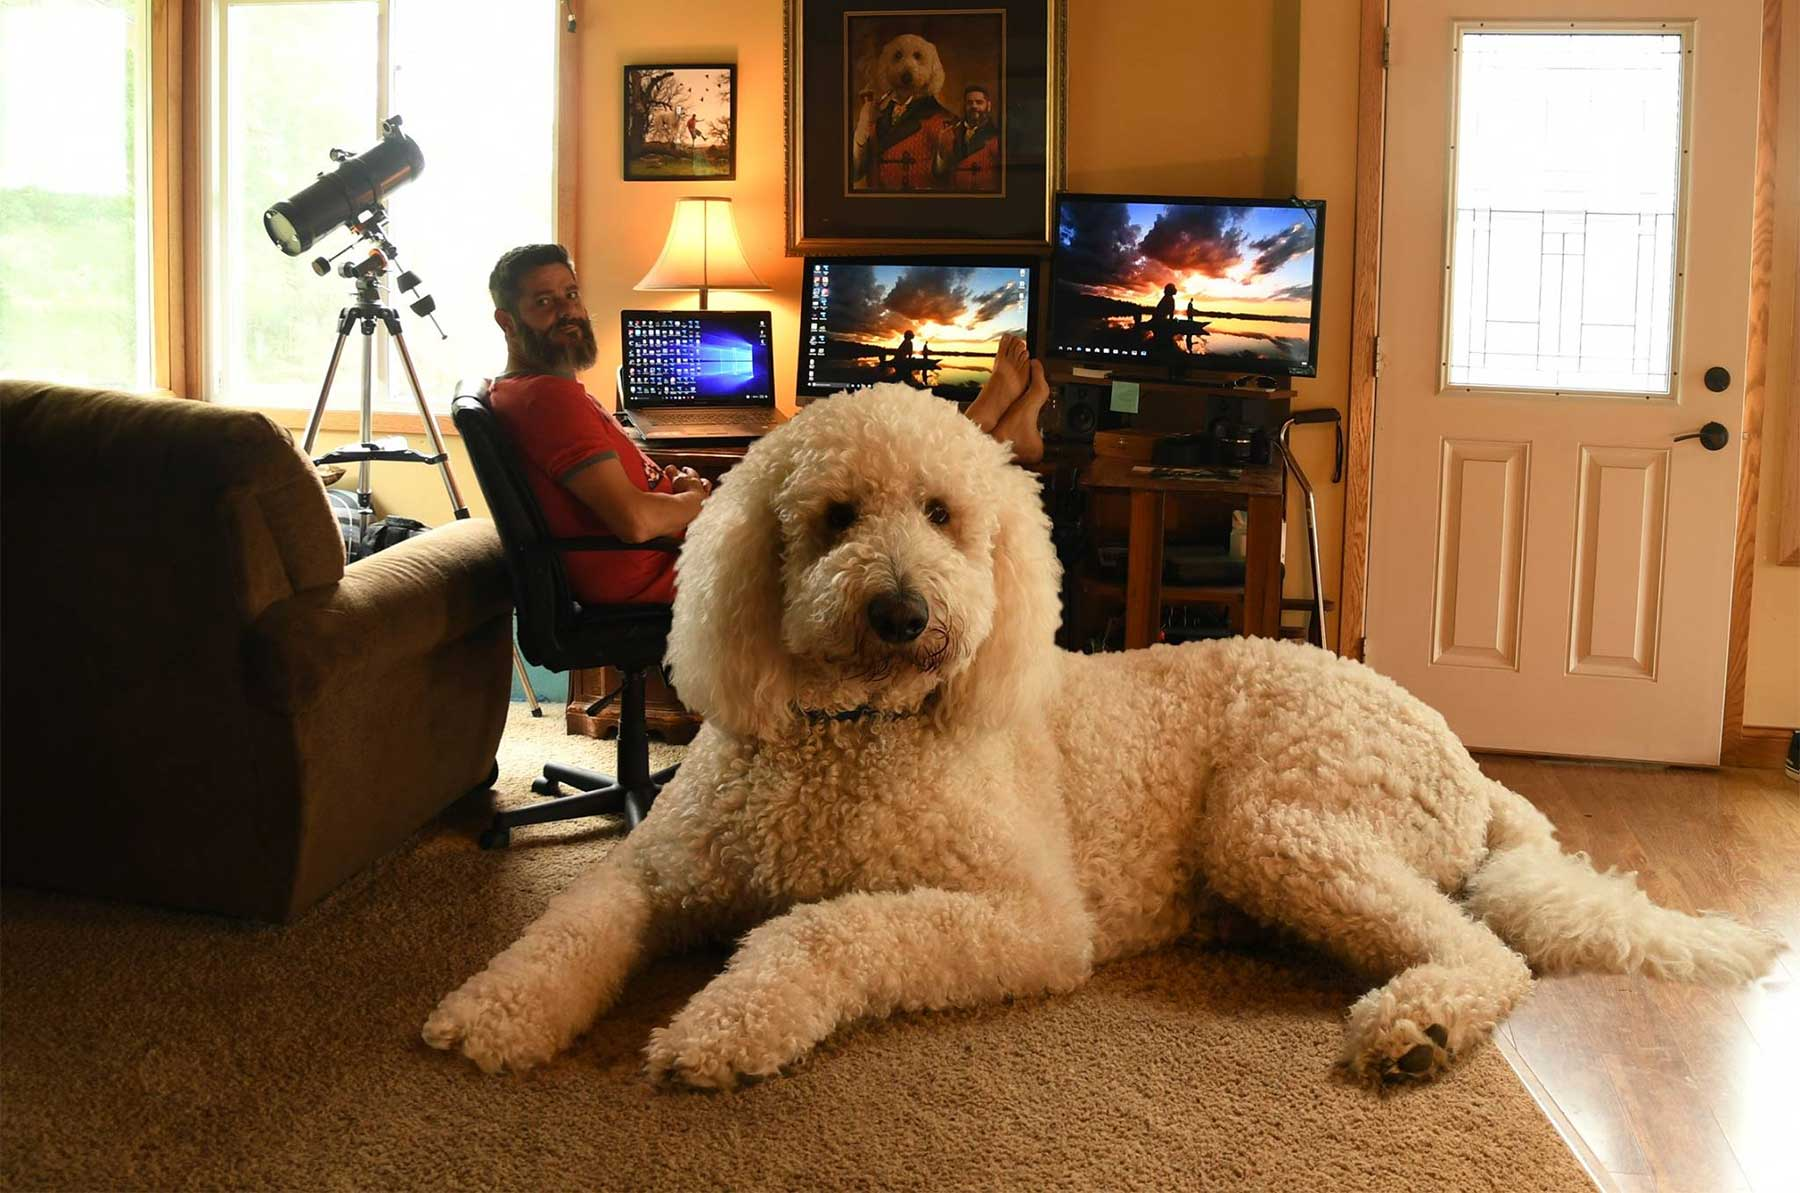 Christopher Cline photoshopped seinen Hund auf Überlebensgröße